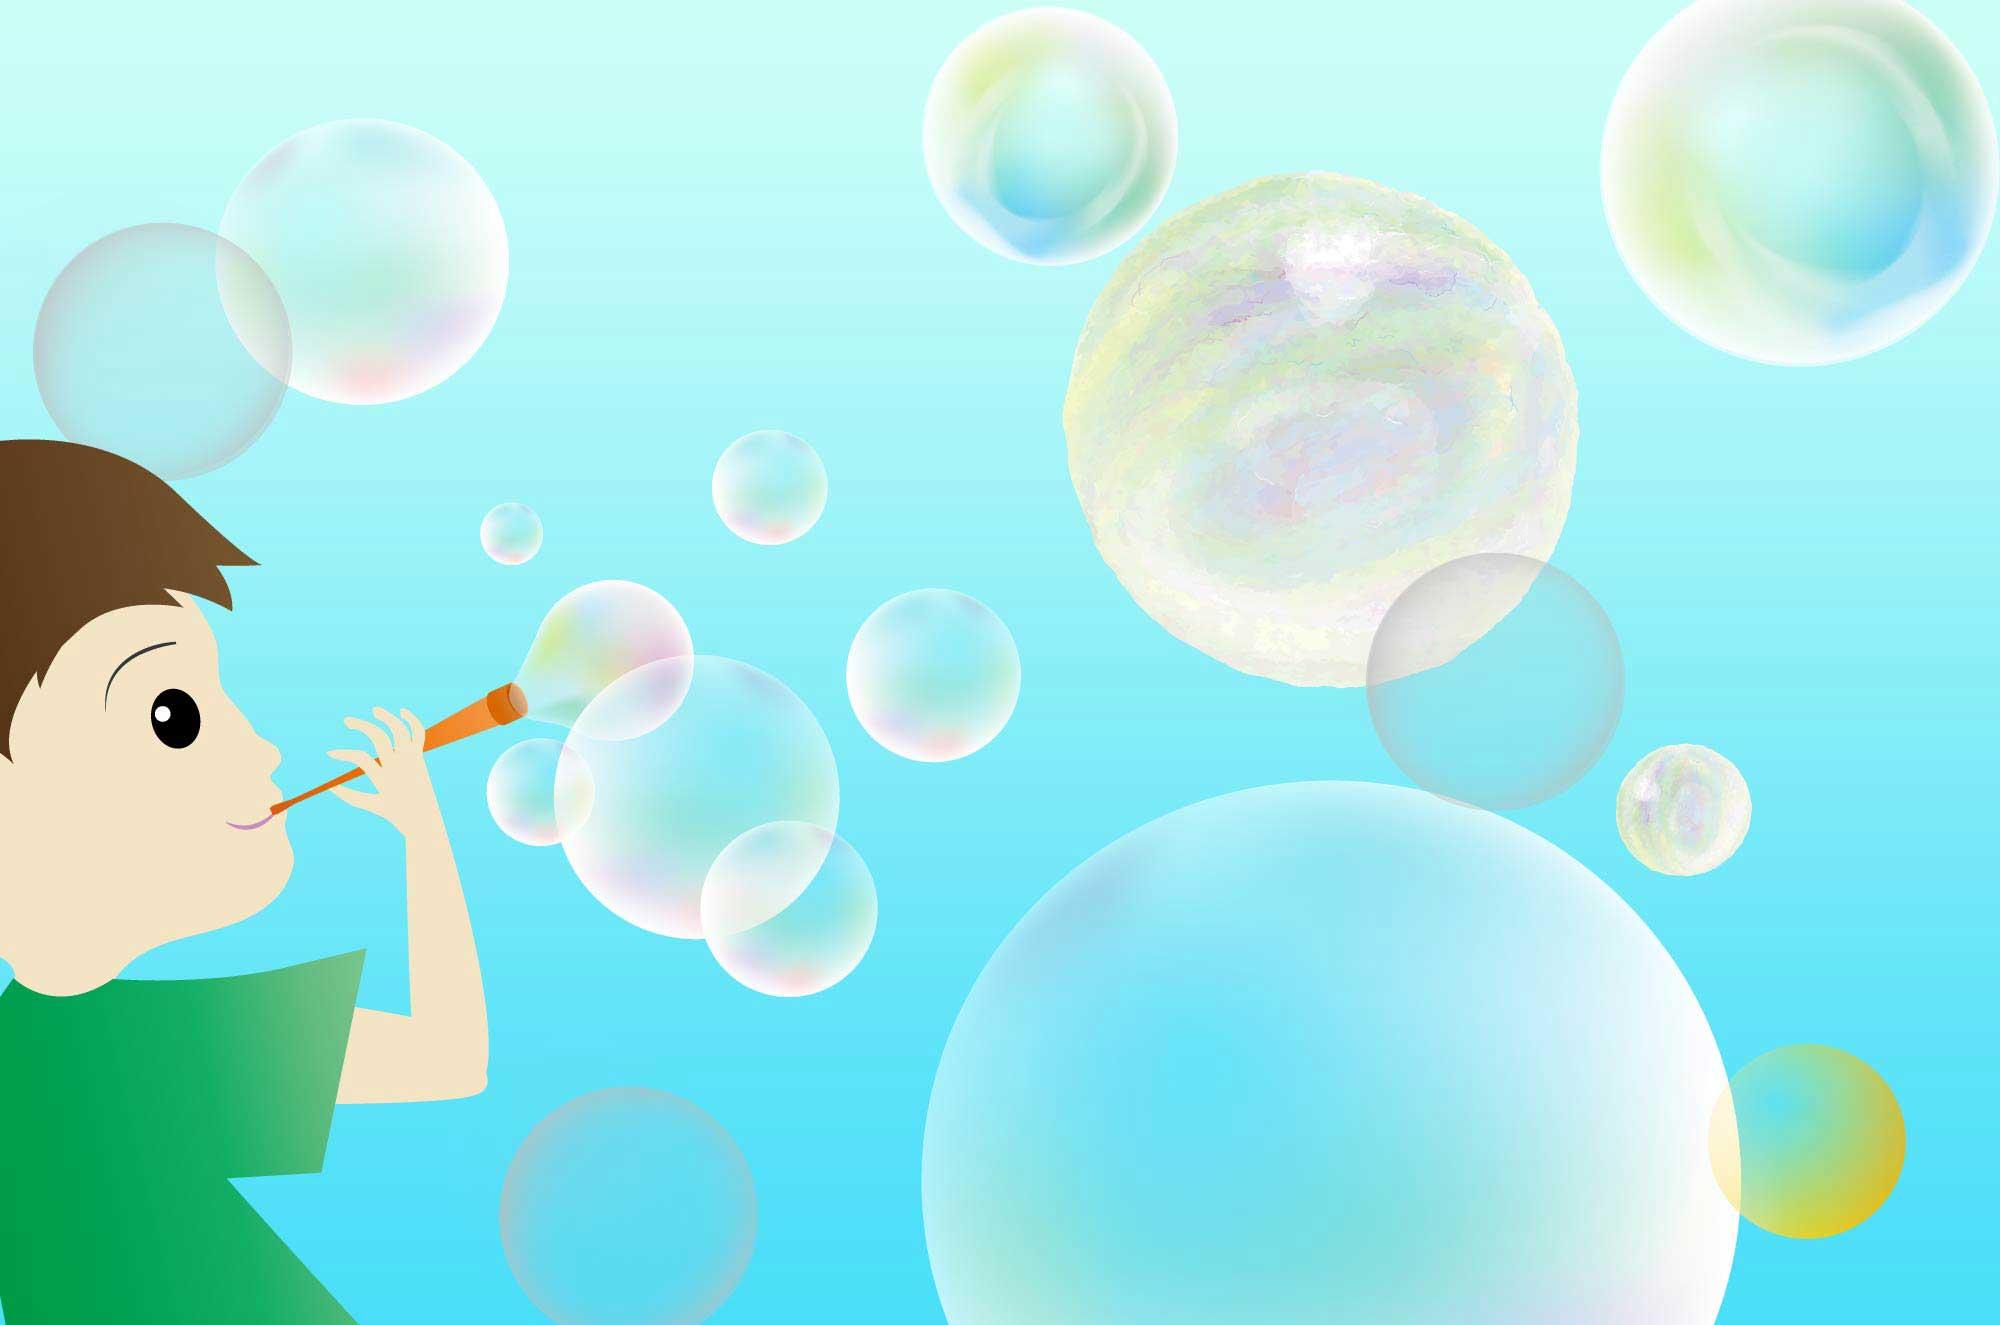 シャボン玉イラスト - ふわふわ空に浮く綺麗な無料素材